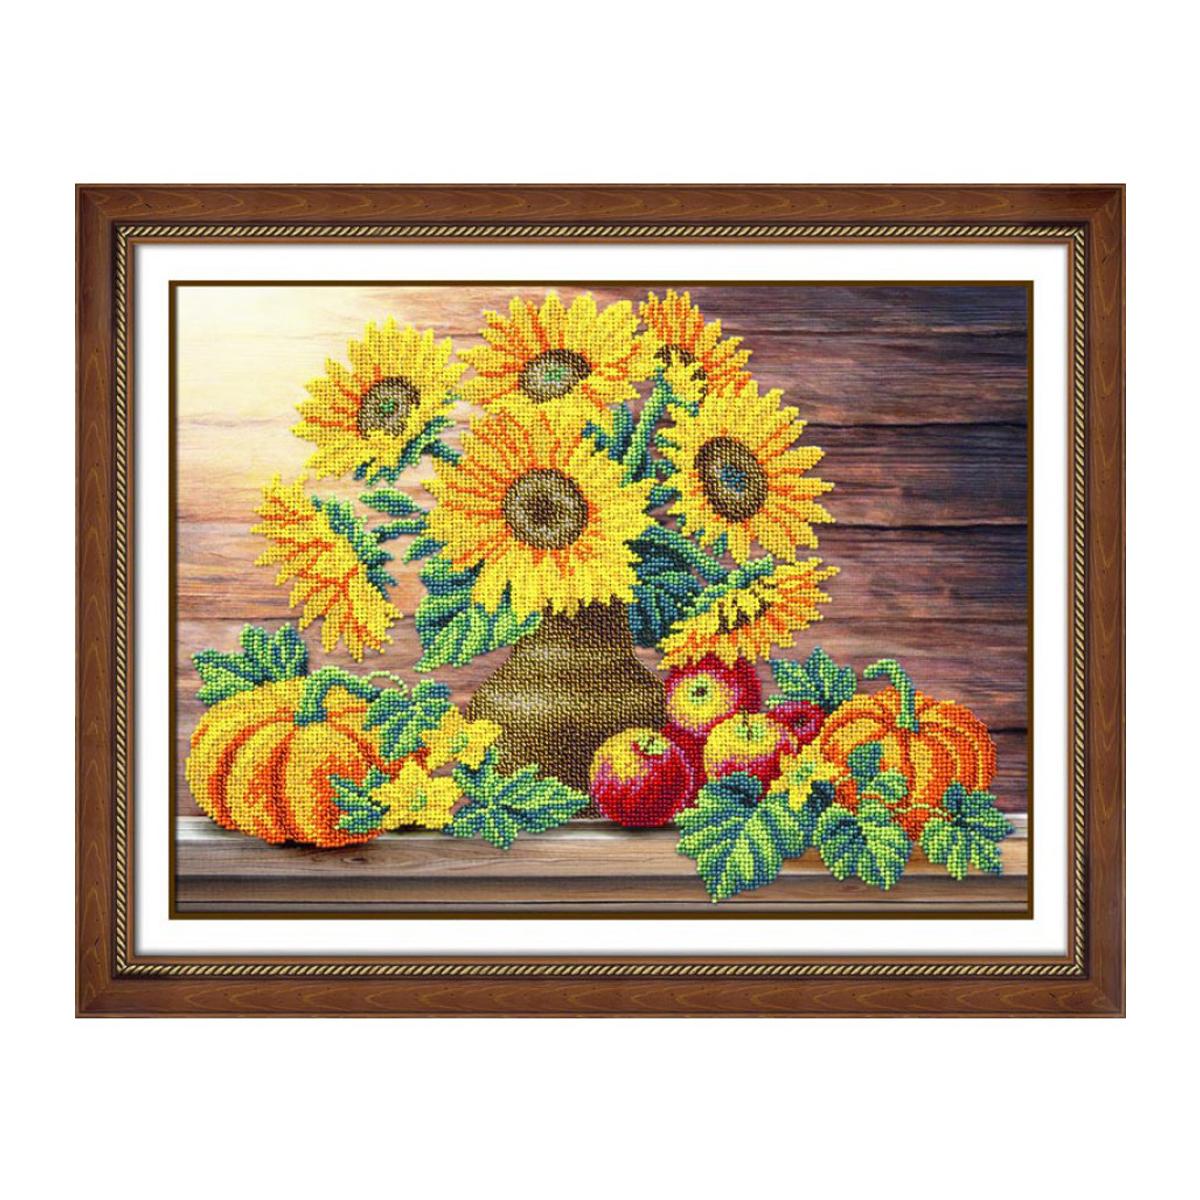 Набор для вышивания бисером Паутинка Пора урожая, 28 см х 38 см. Б1241486457Состав набора: бисер Чехия - 16 цветов, льняная ткань с нанесенным рисунком, бисерная игла, подробная инструкция.